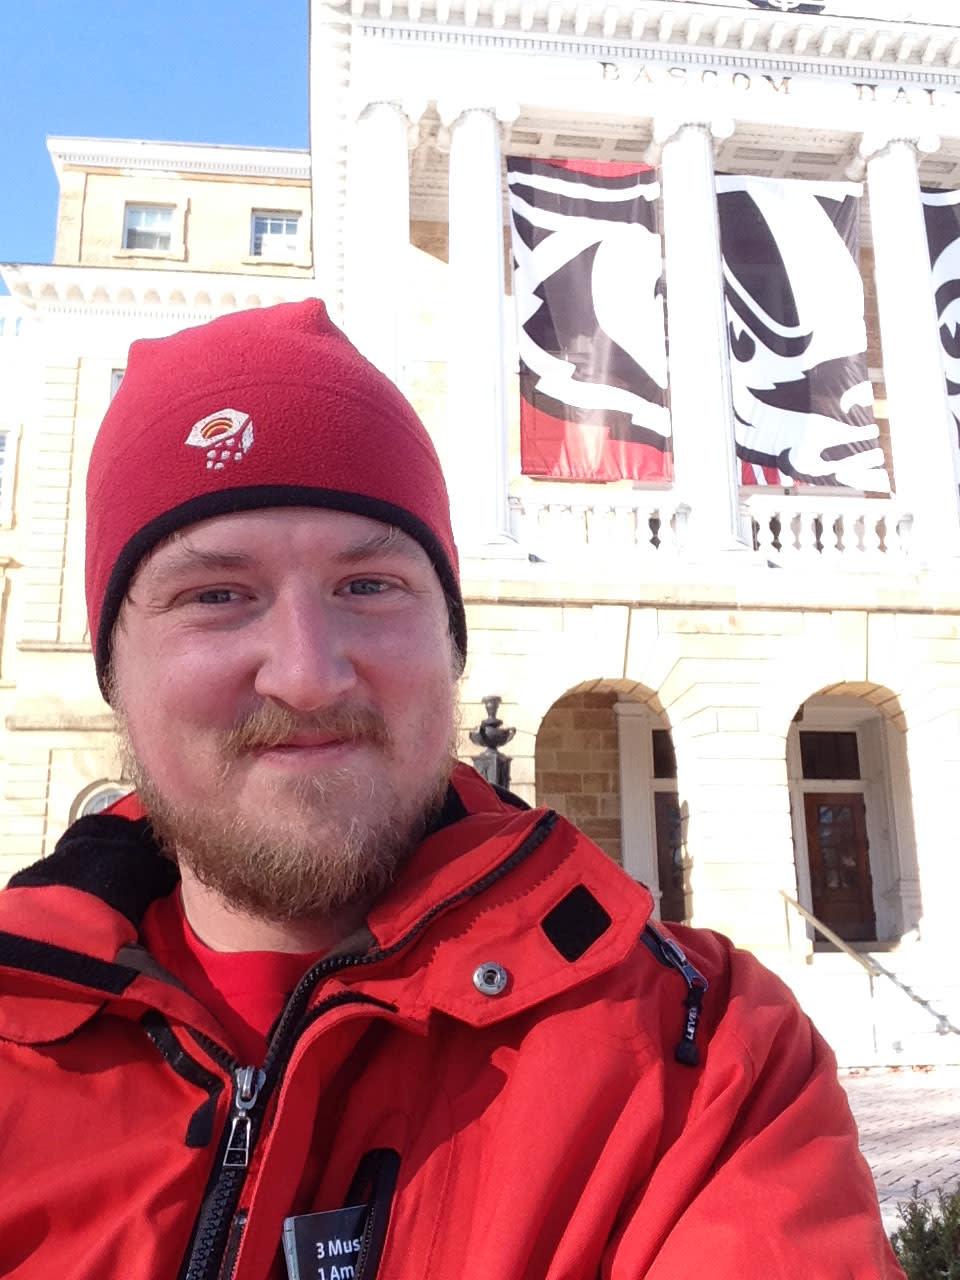 Jakob UW-Madison vertical